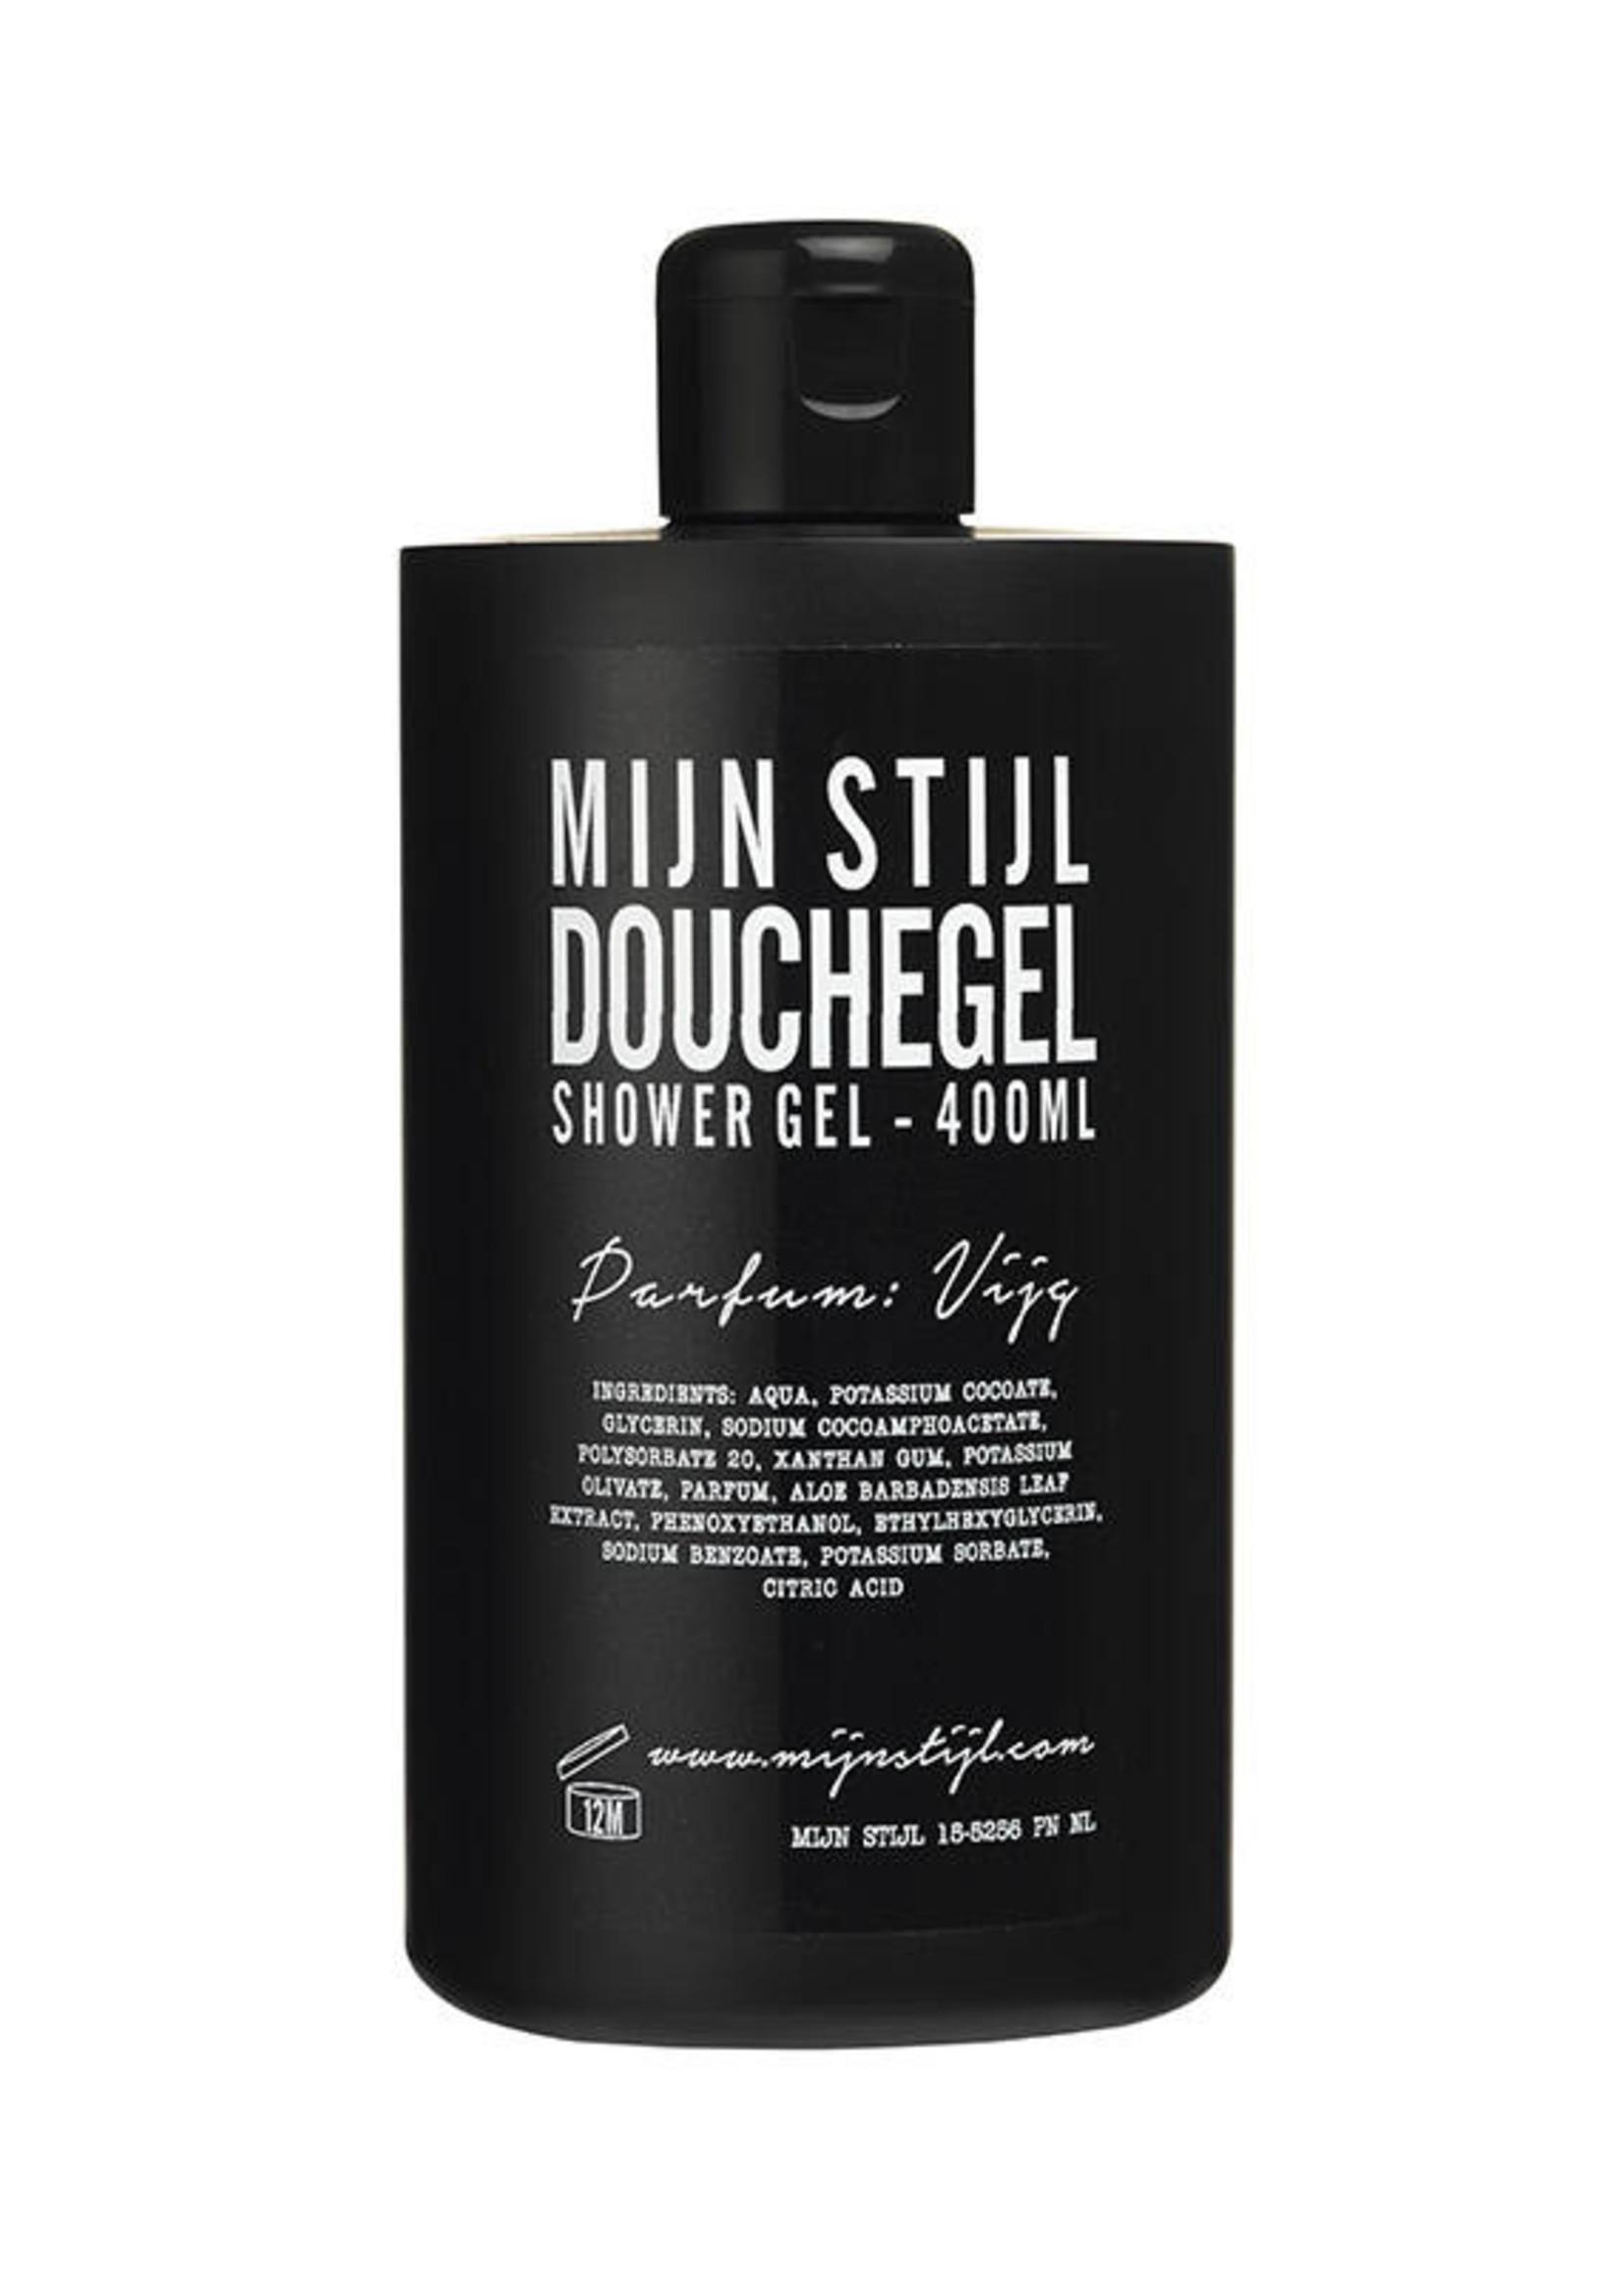 Mijn stijl Douchegel parfum Vijg 400 ML (zwarte fles)